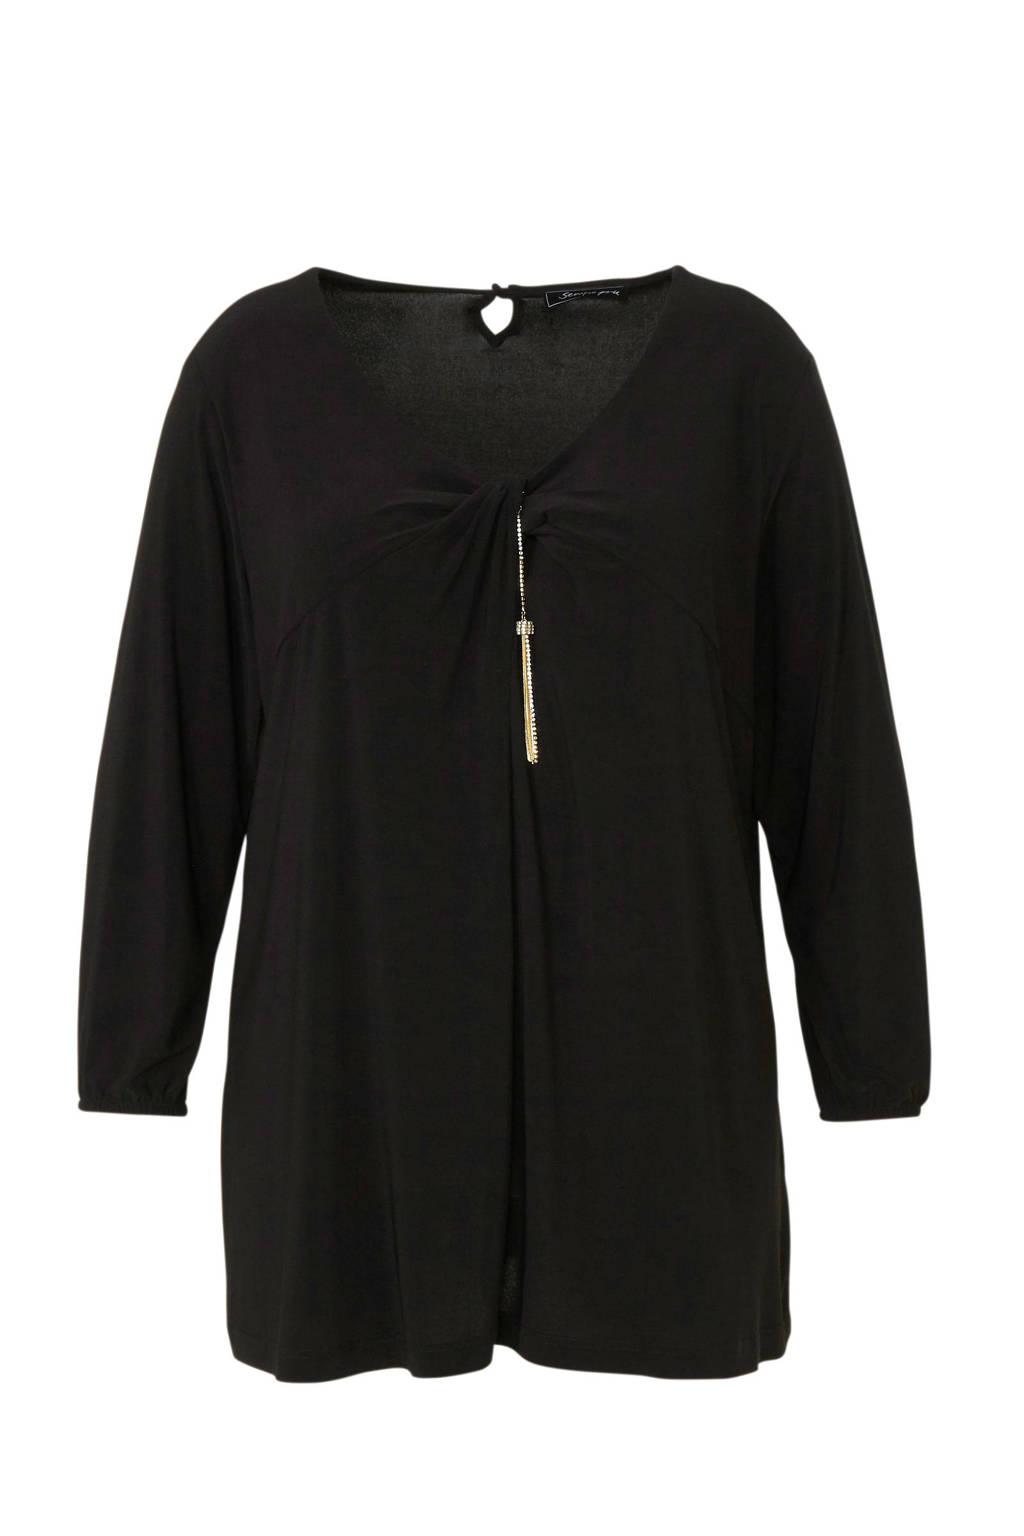 Sempre Piu top met sierstenen zwart, Zwart